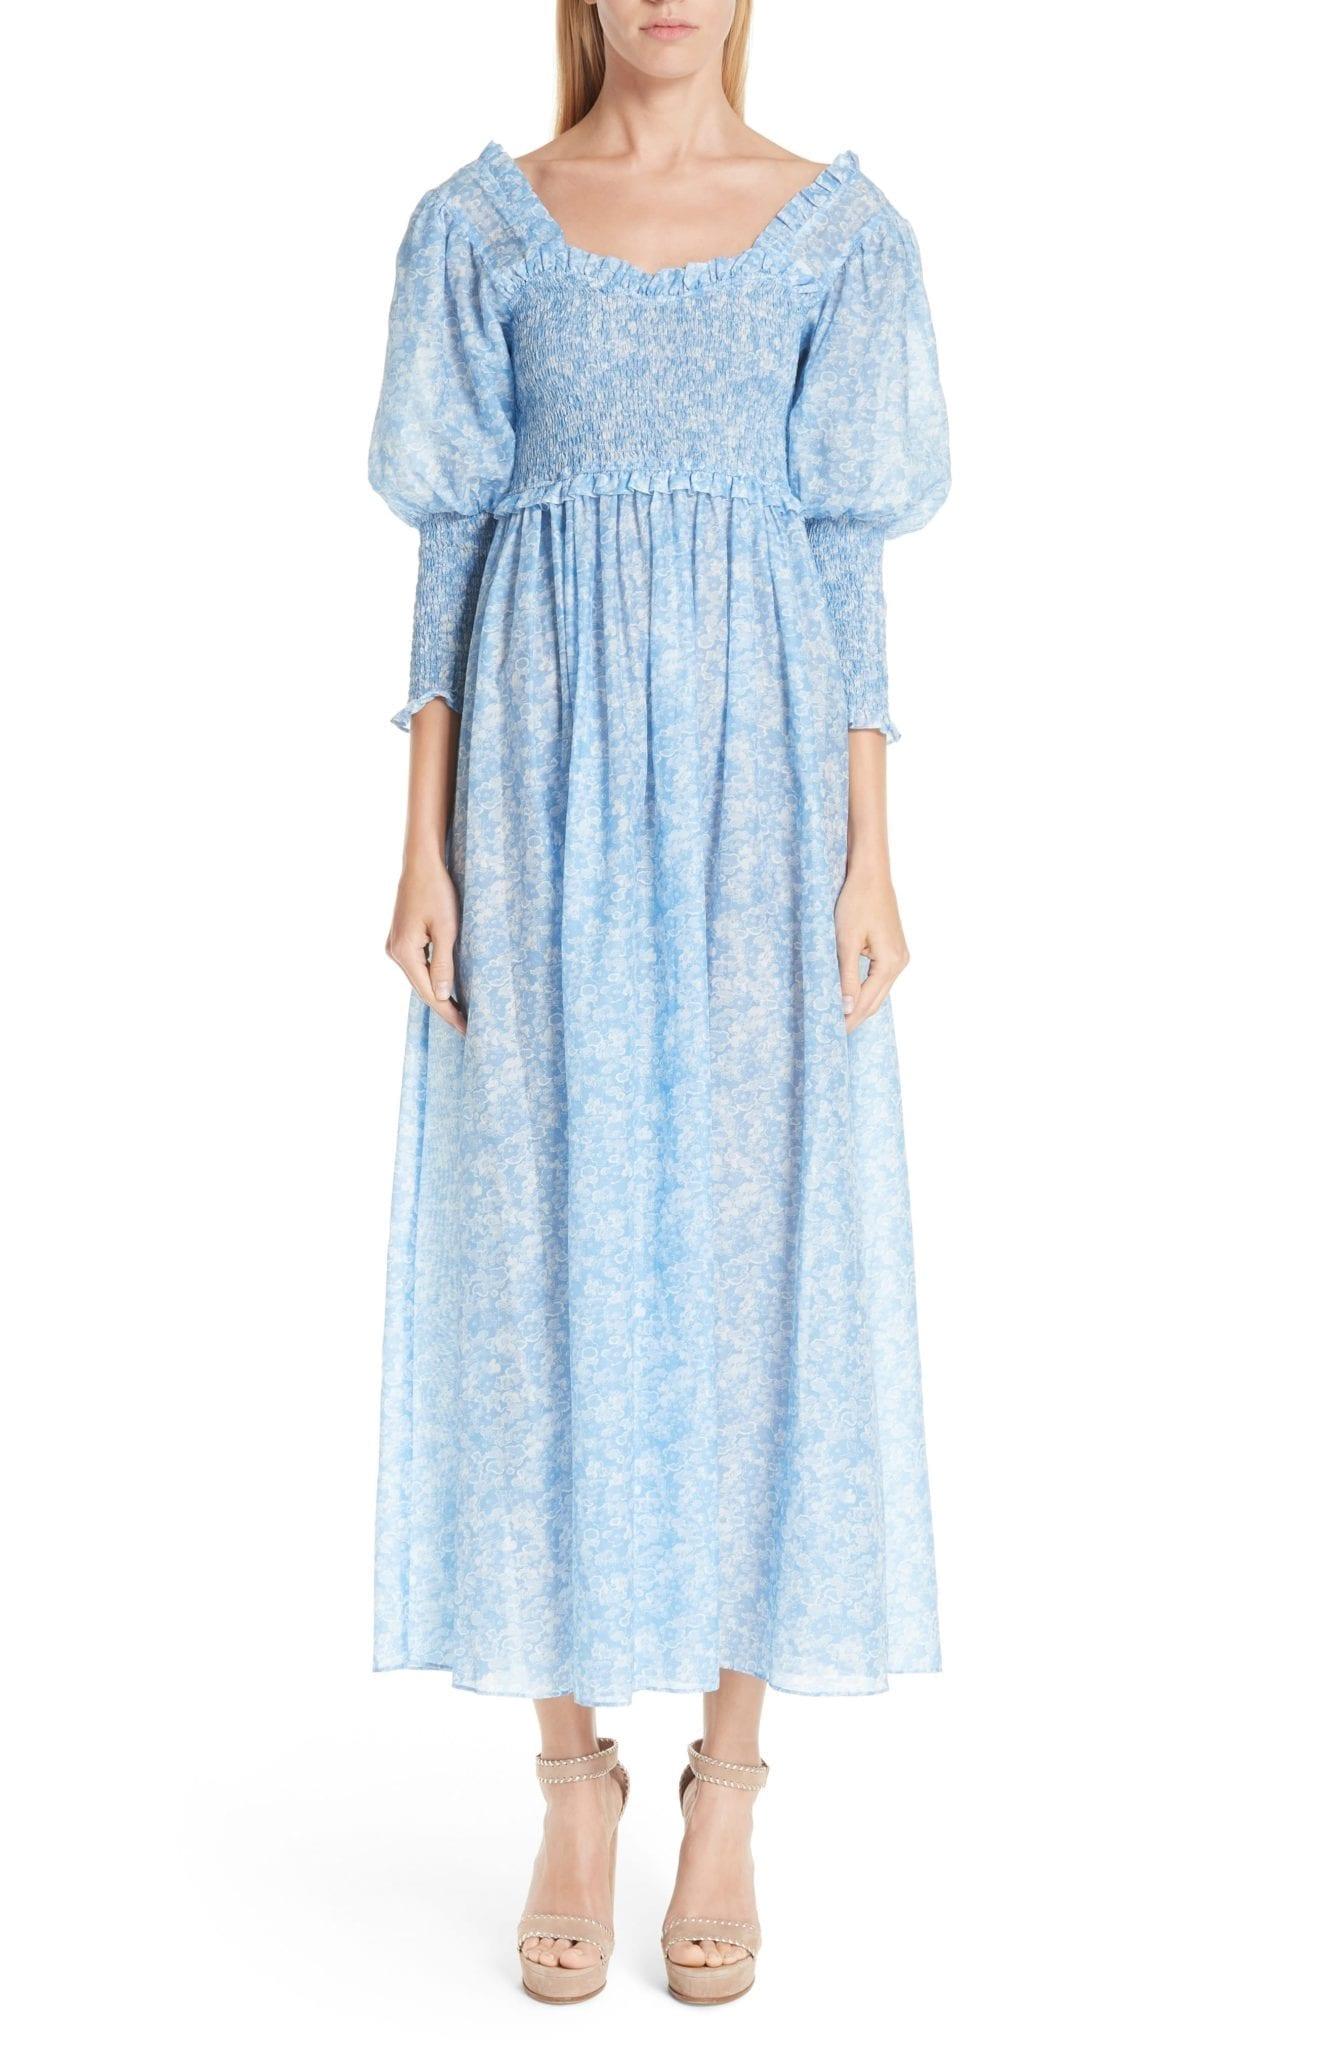 GANNI Floral Smocked Maxi Serenity Blue Dress - We Select Dresses